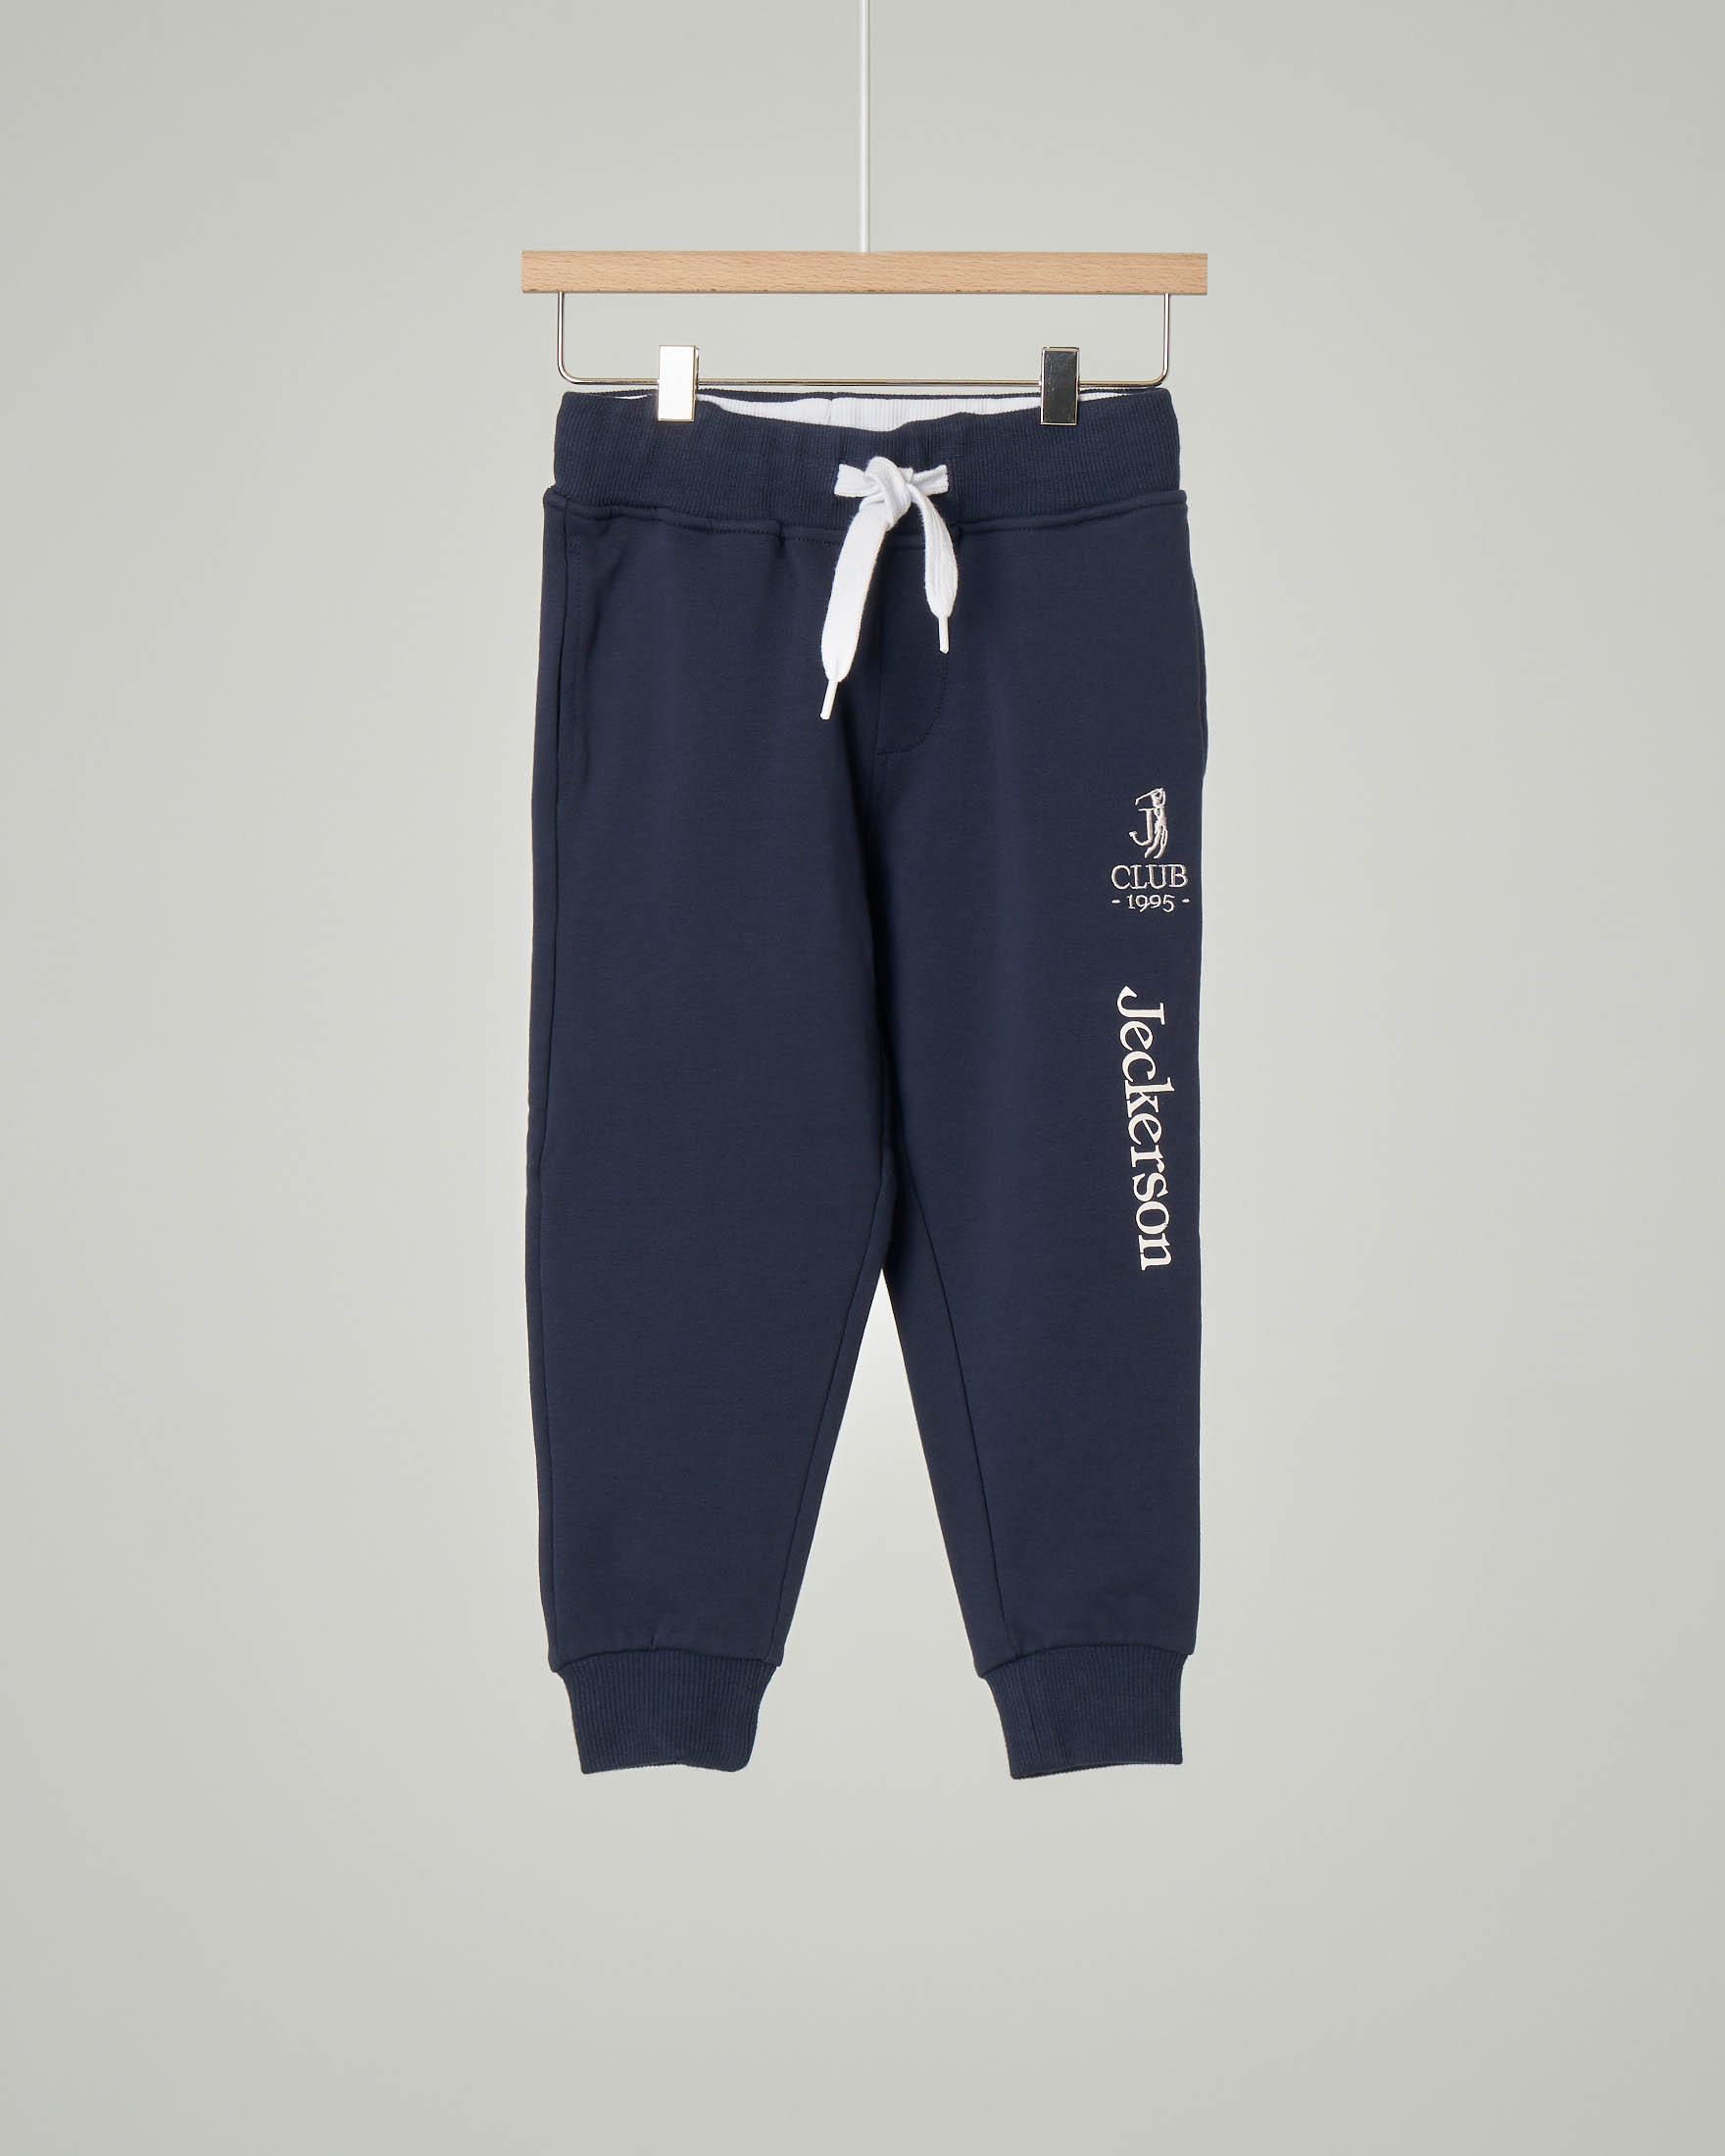 Pantalone blu in felpa con logo 3-7 anni